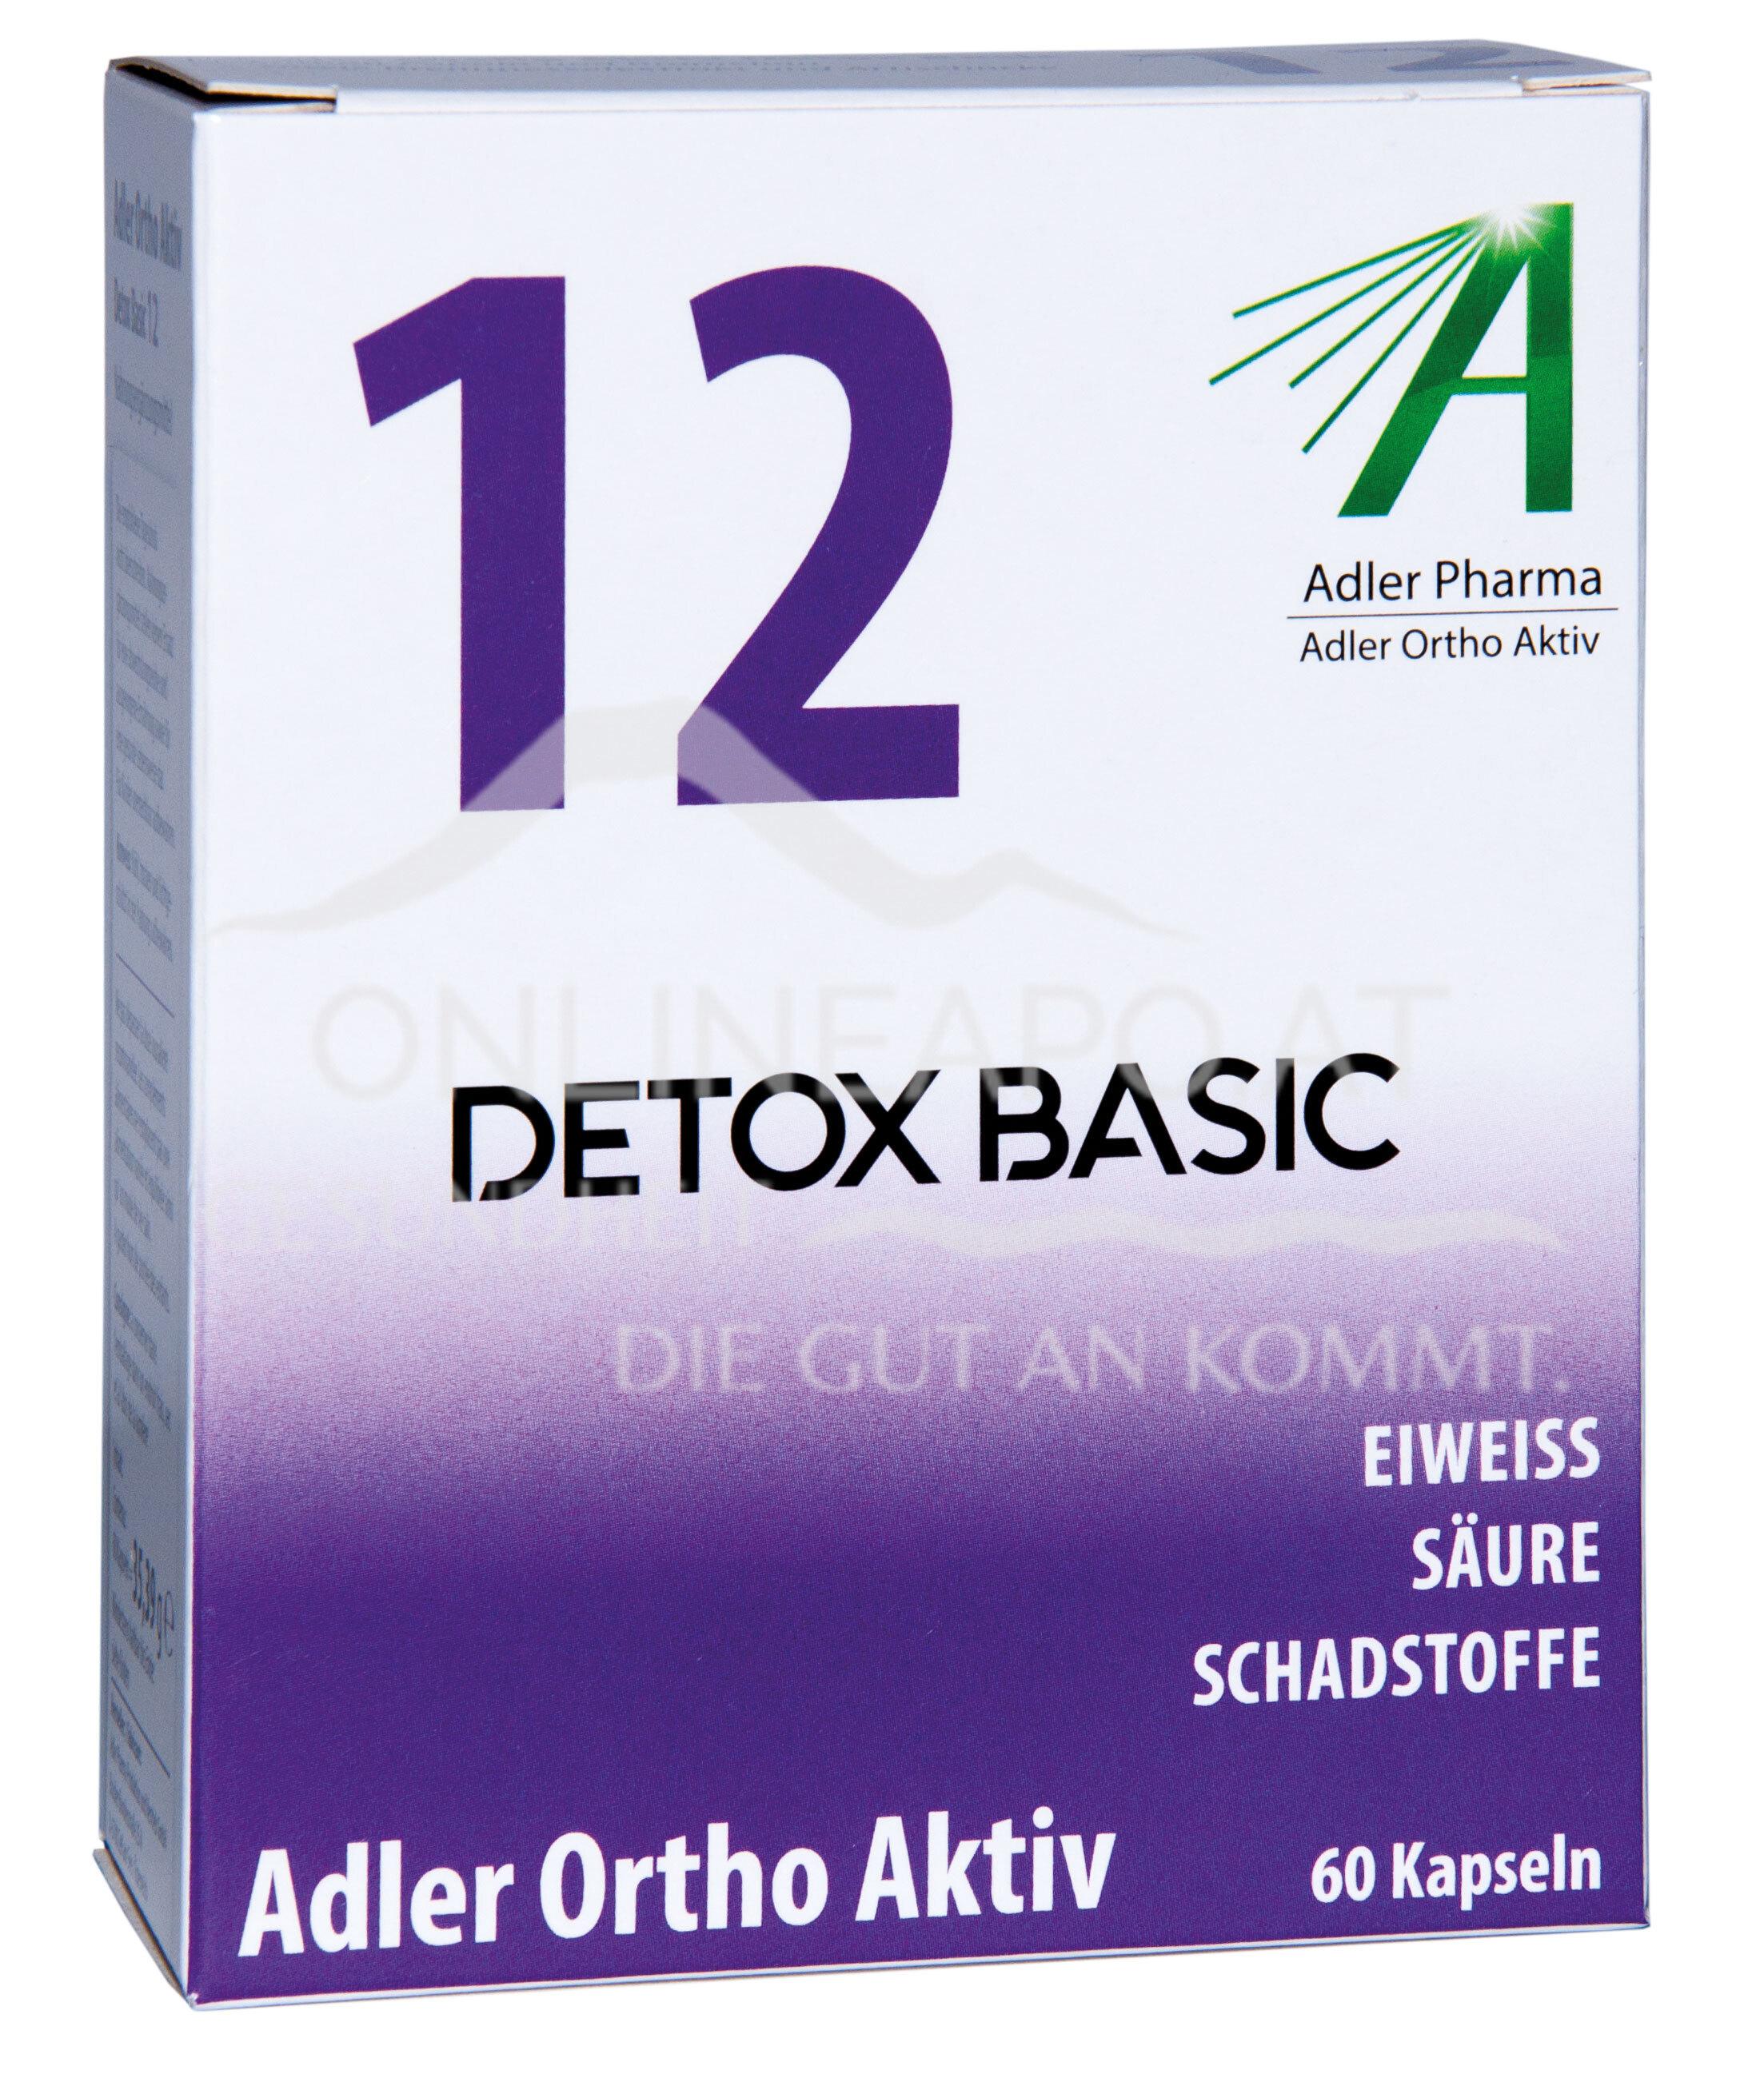 Adler Ortho Aktiv Nr. 12 Detox Basic